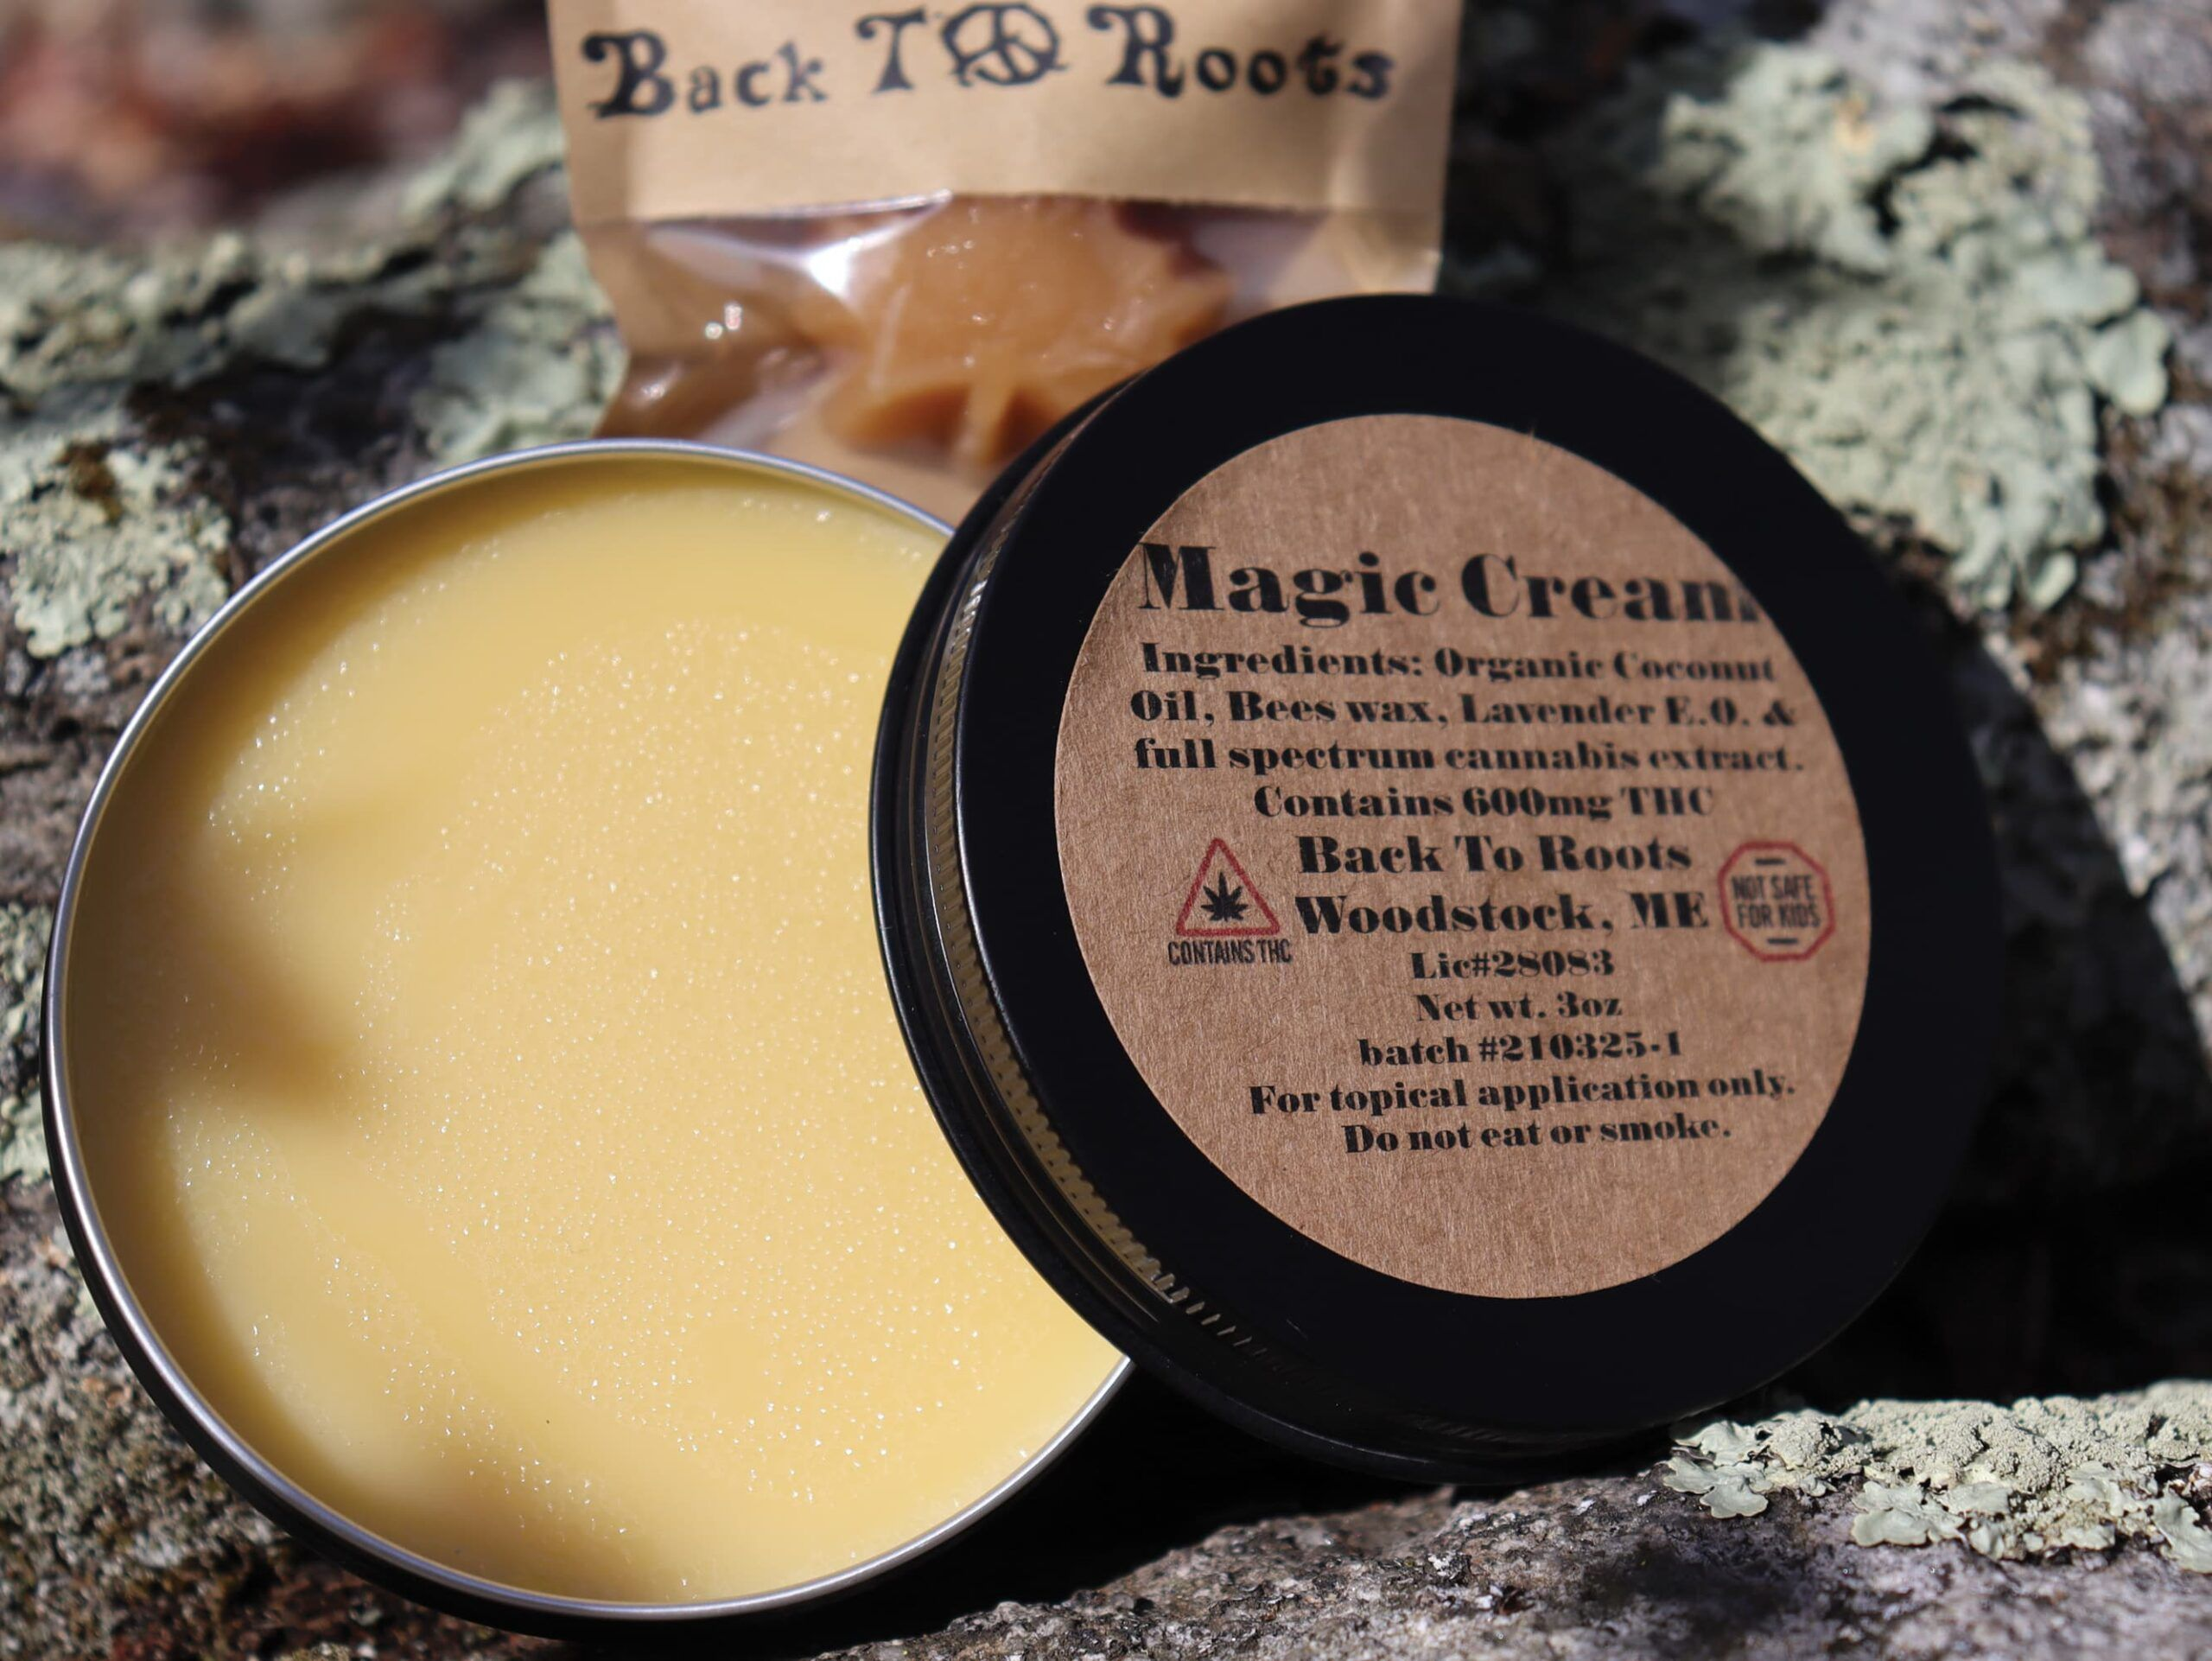 Magic Cream Topical